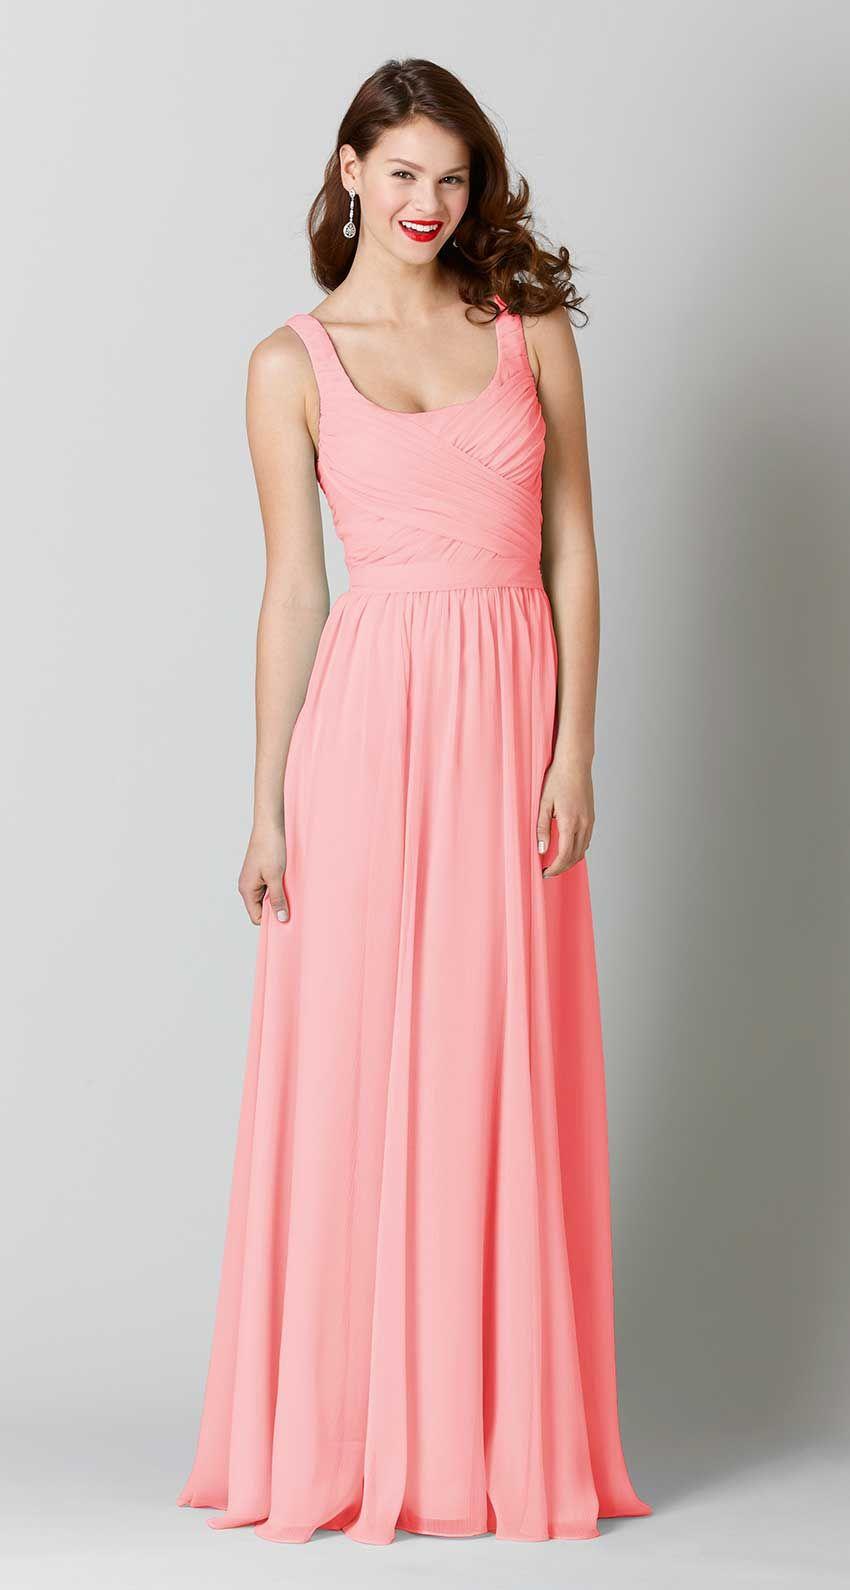 Sophia | Pinterest | Vestidos dama, Vestiditos y Damas